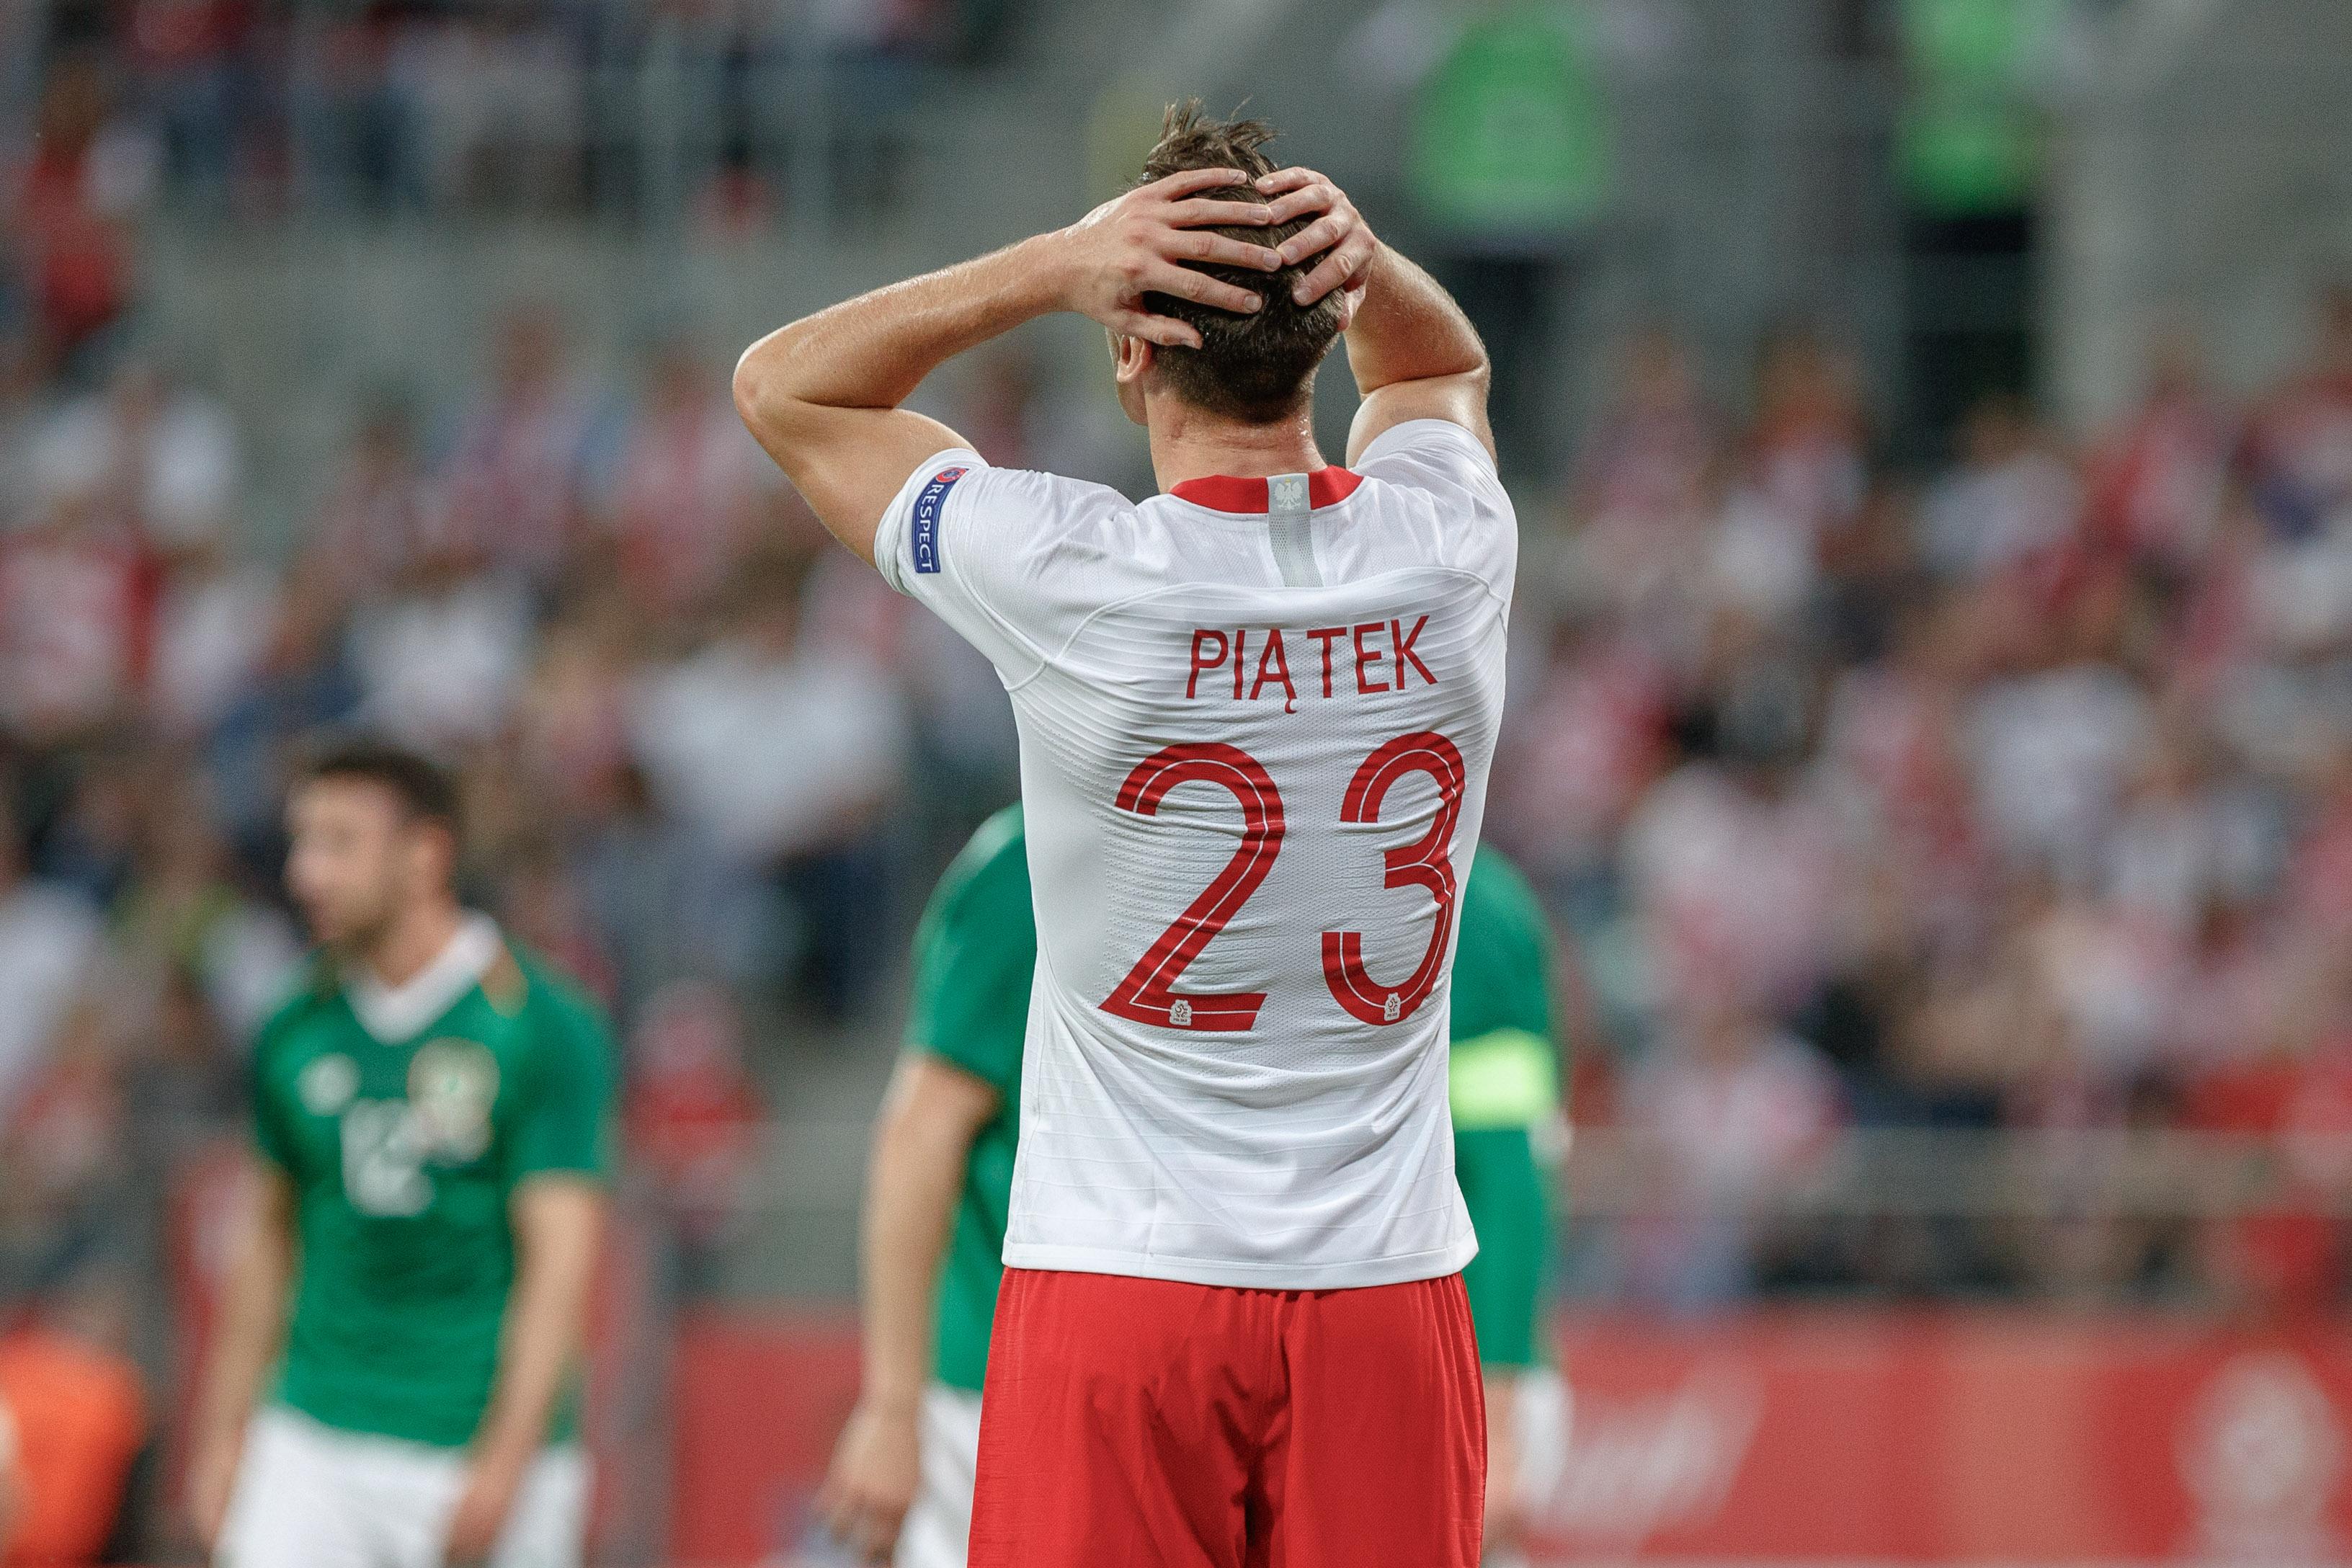 2018.09.11 Wroclaw , Pilka nozna , mecz towarzyski, Polska - Irlandia N/z Krzysztof Piatek, Foto Tomasz Folta / PressFocus